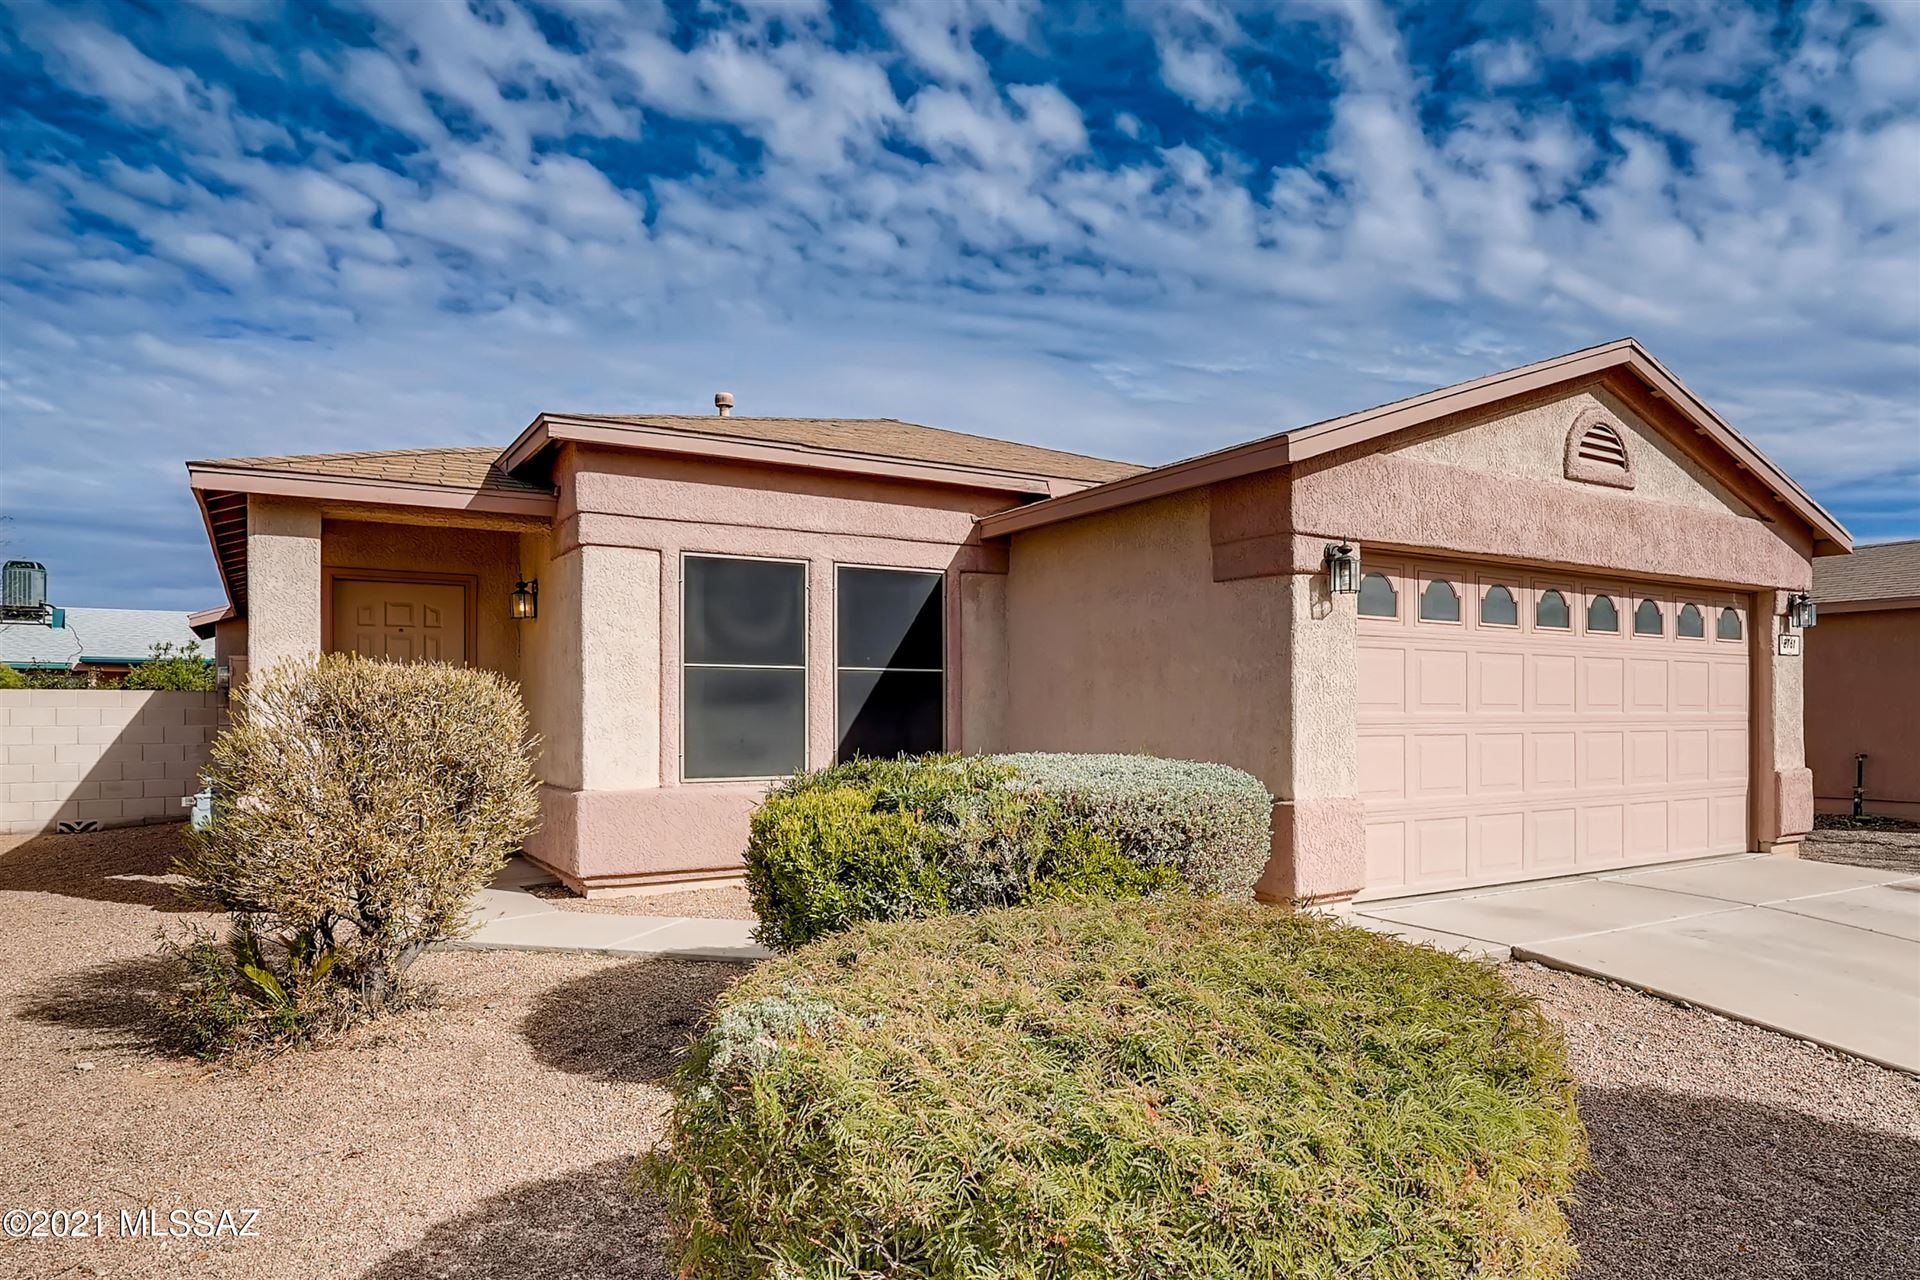 8761 E Green Branch Lane, Tucson, AZ 85730 - MLS#: 22100169